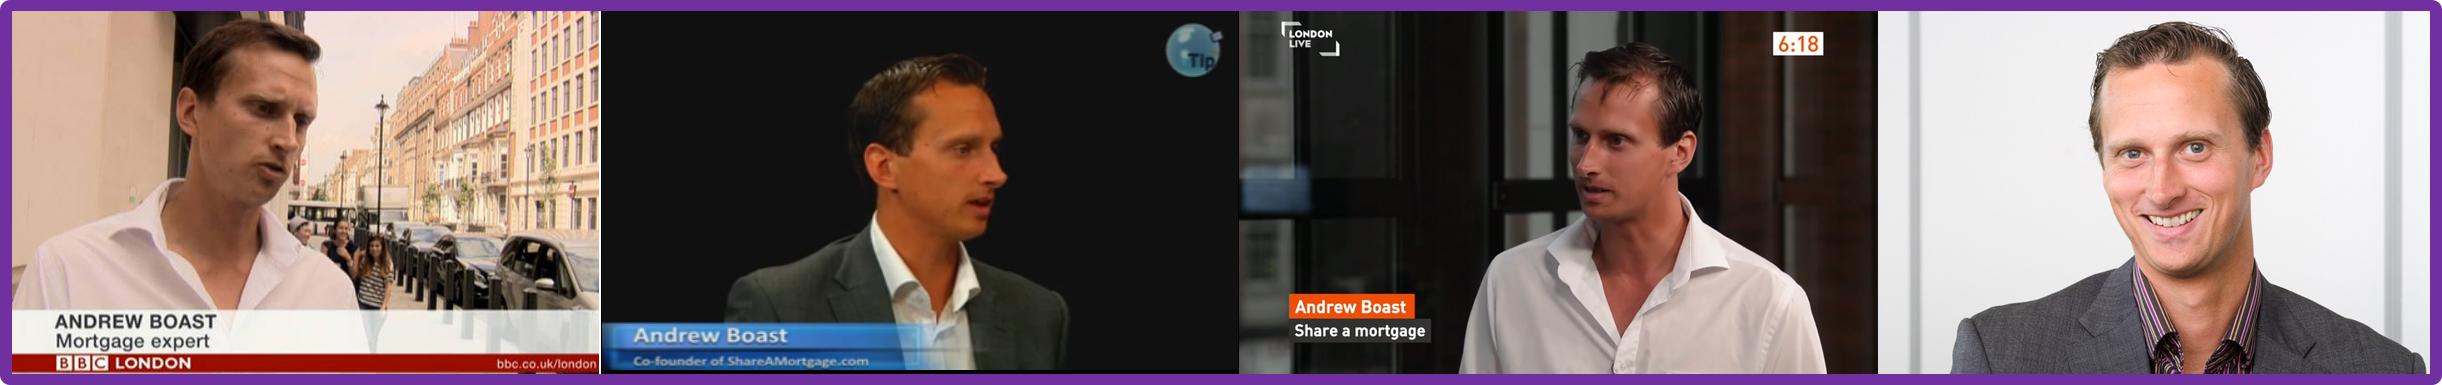 Andrew Boast